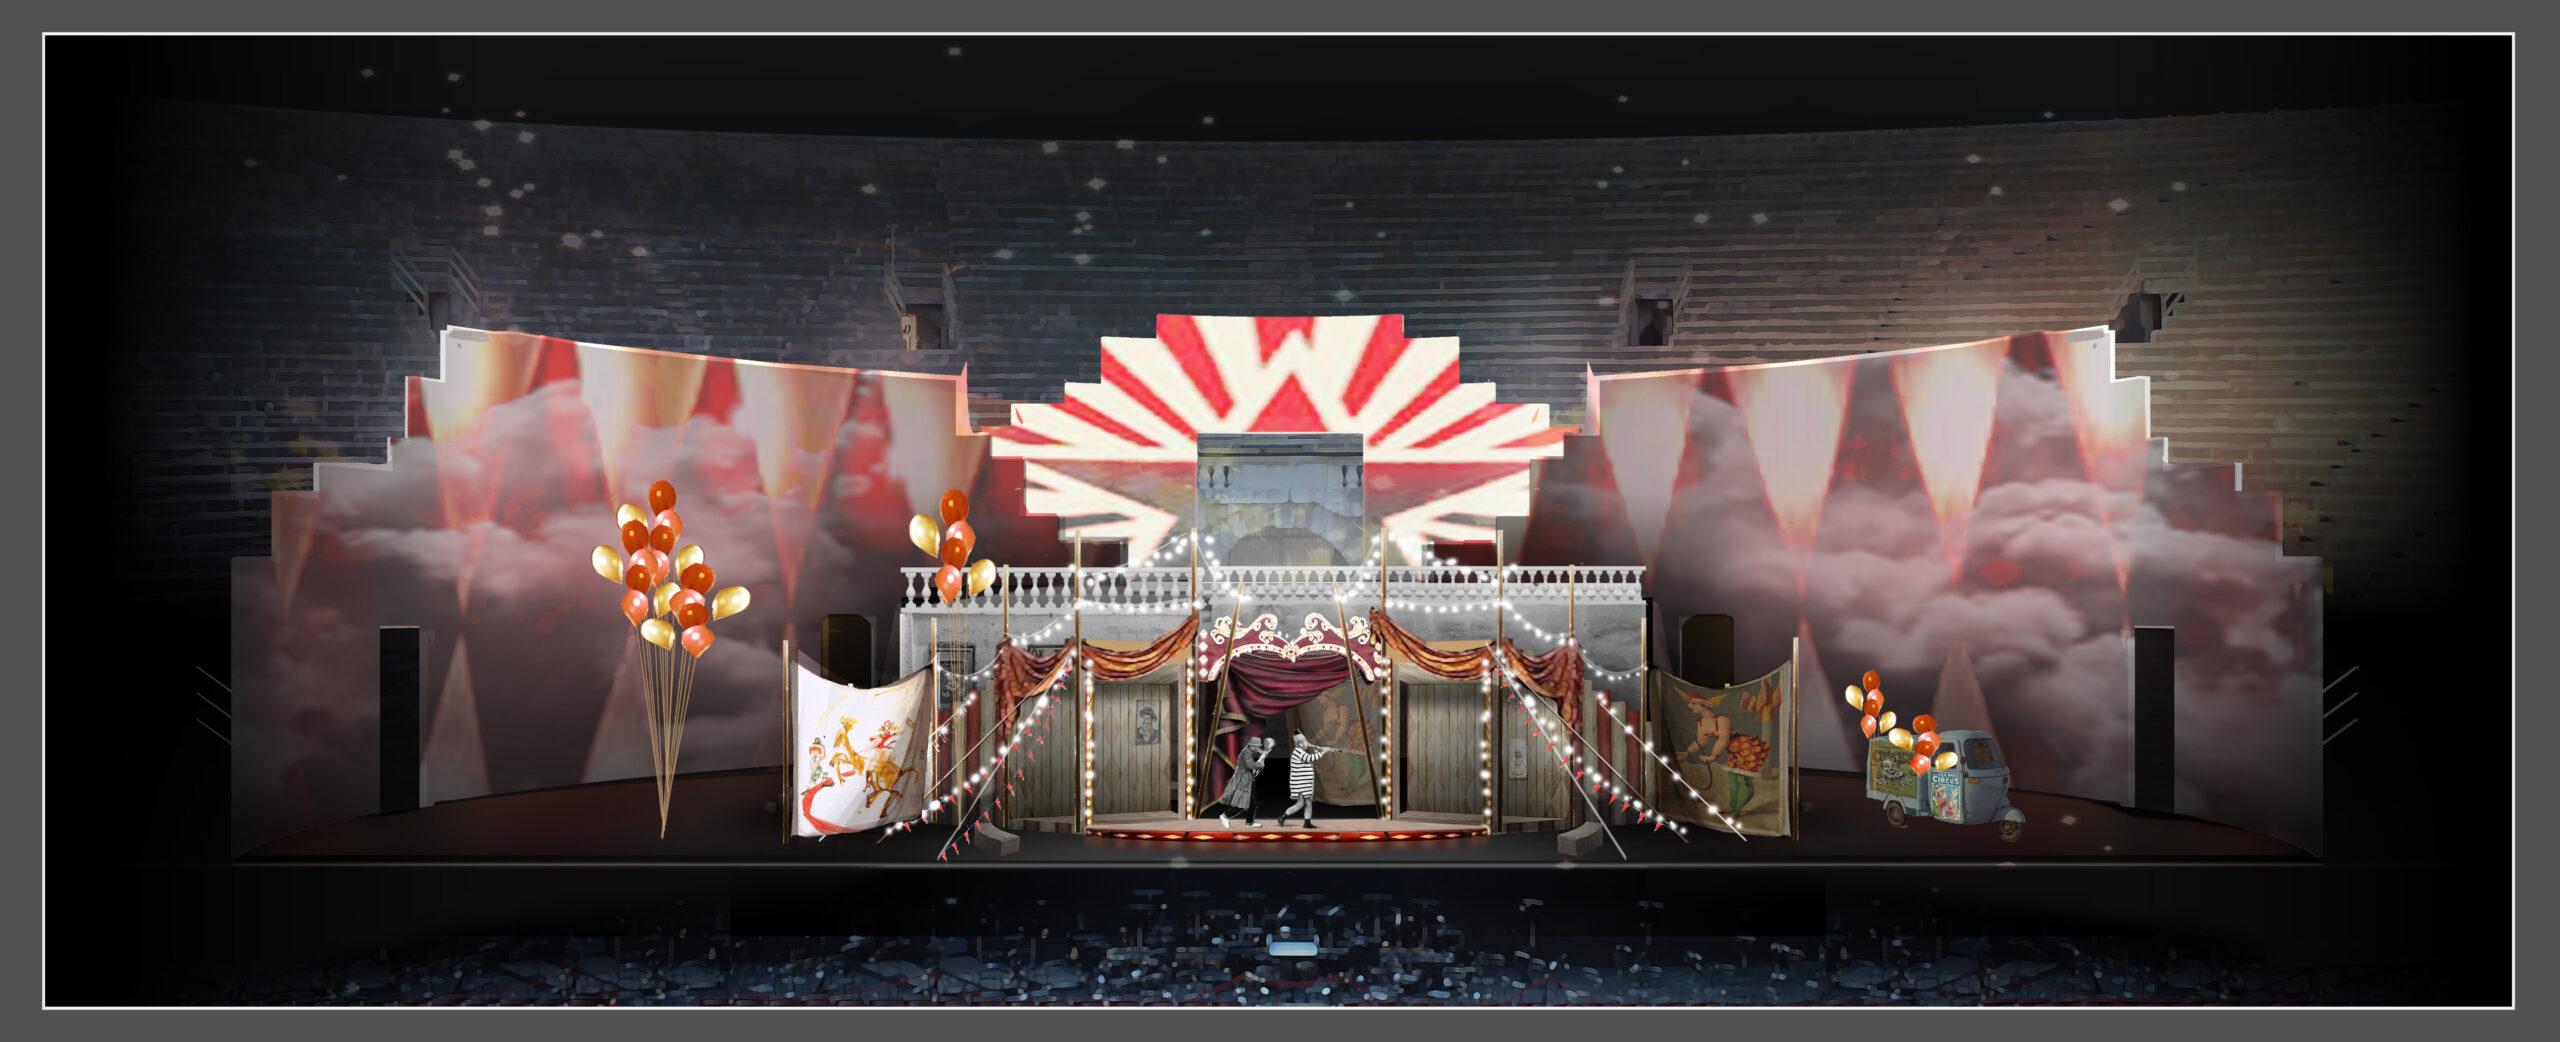 Bozzetto Pagliacci Arena di Verona